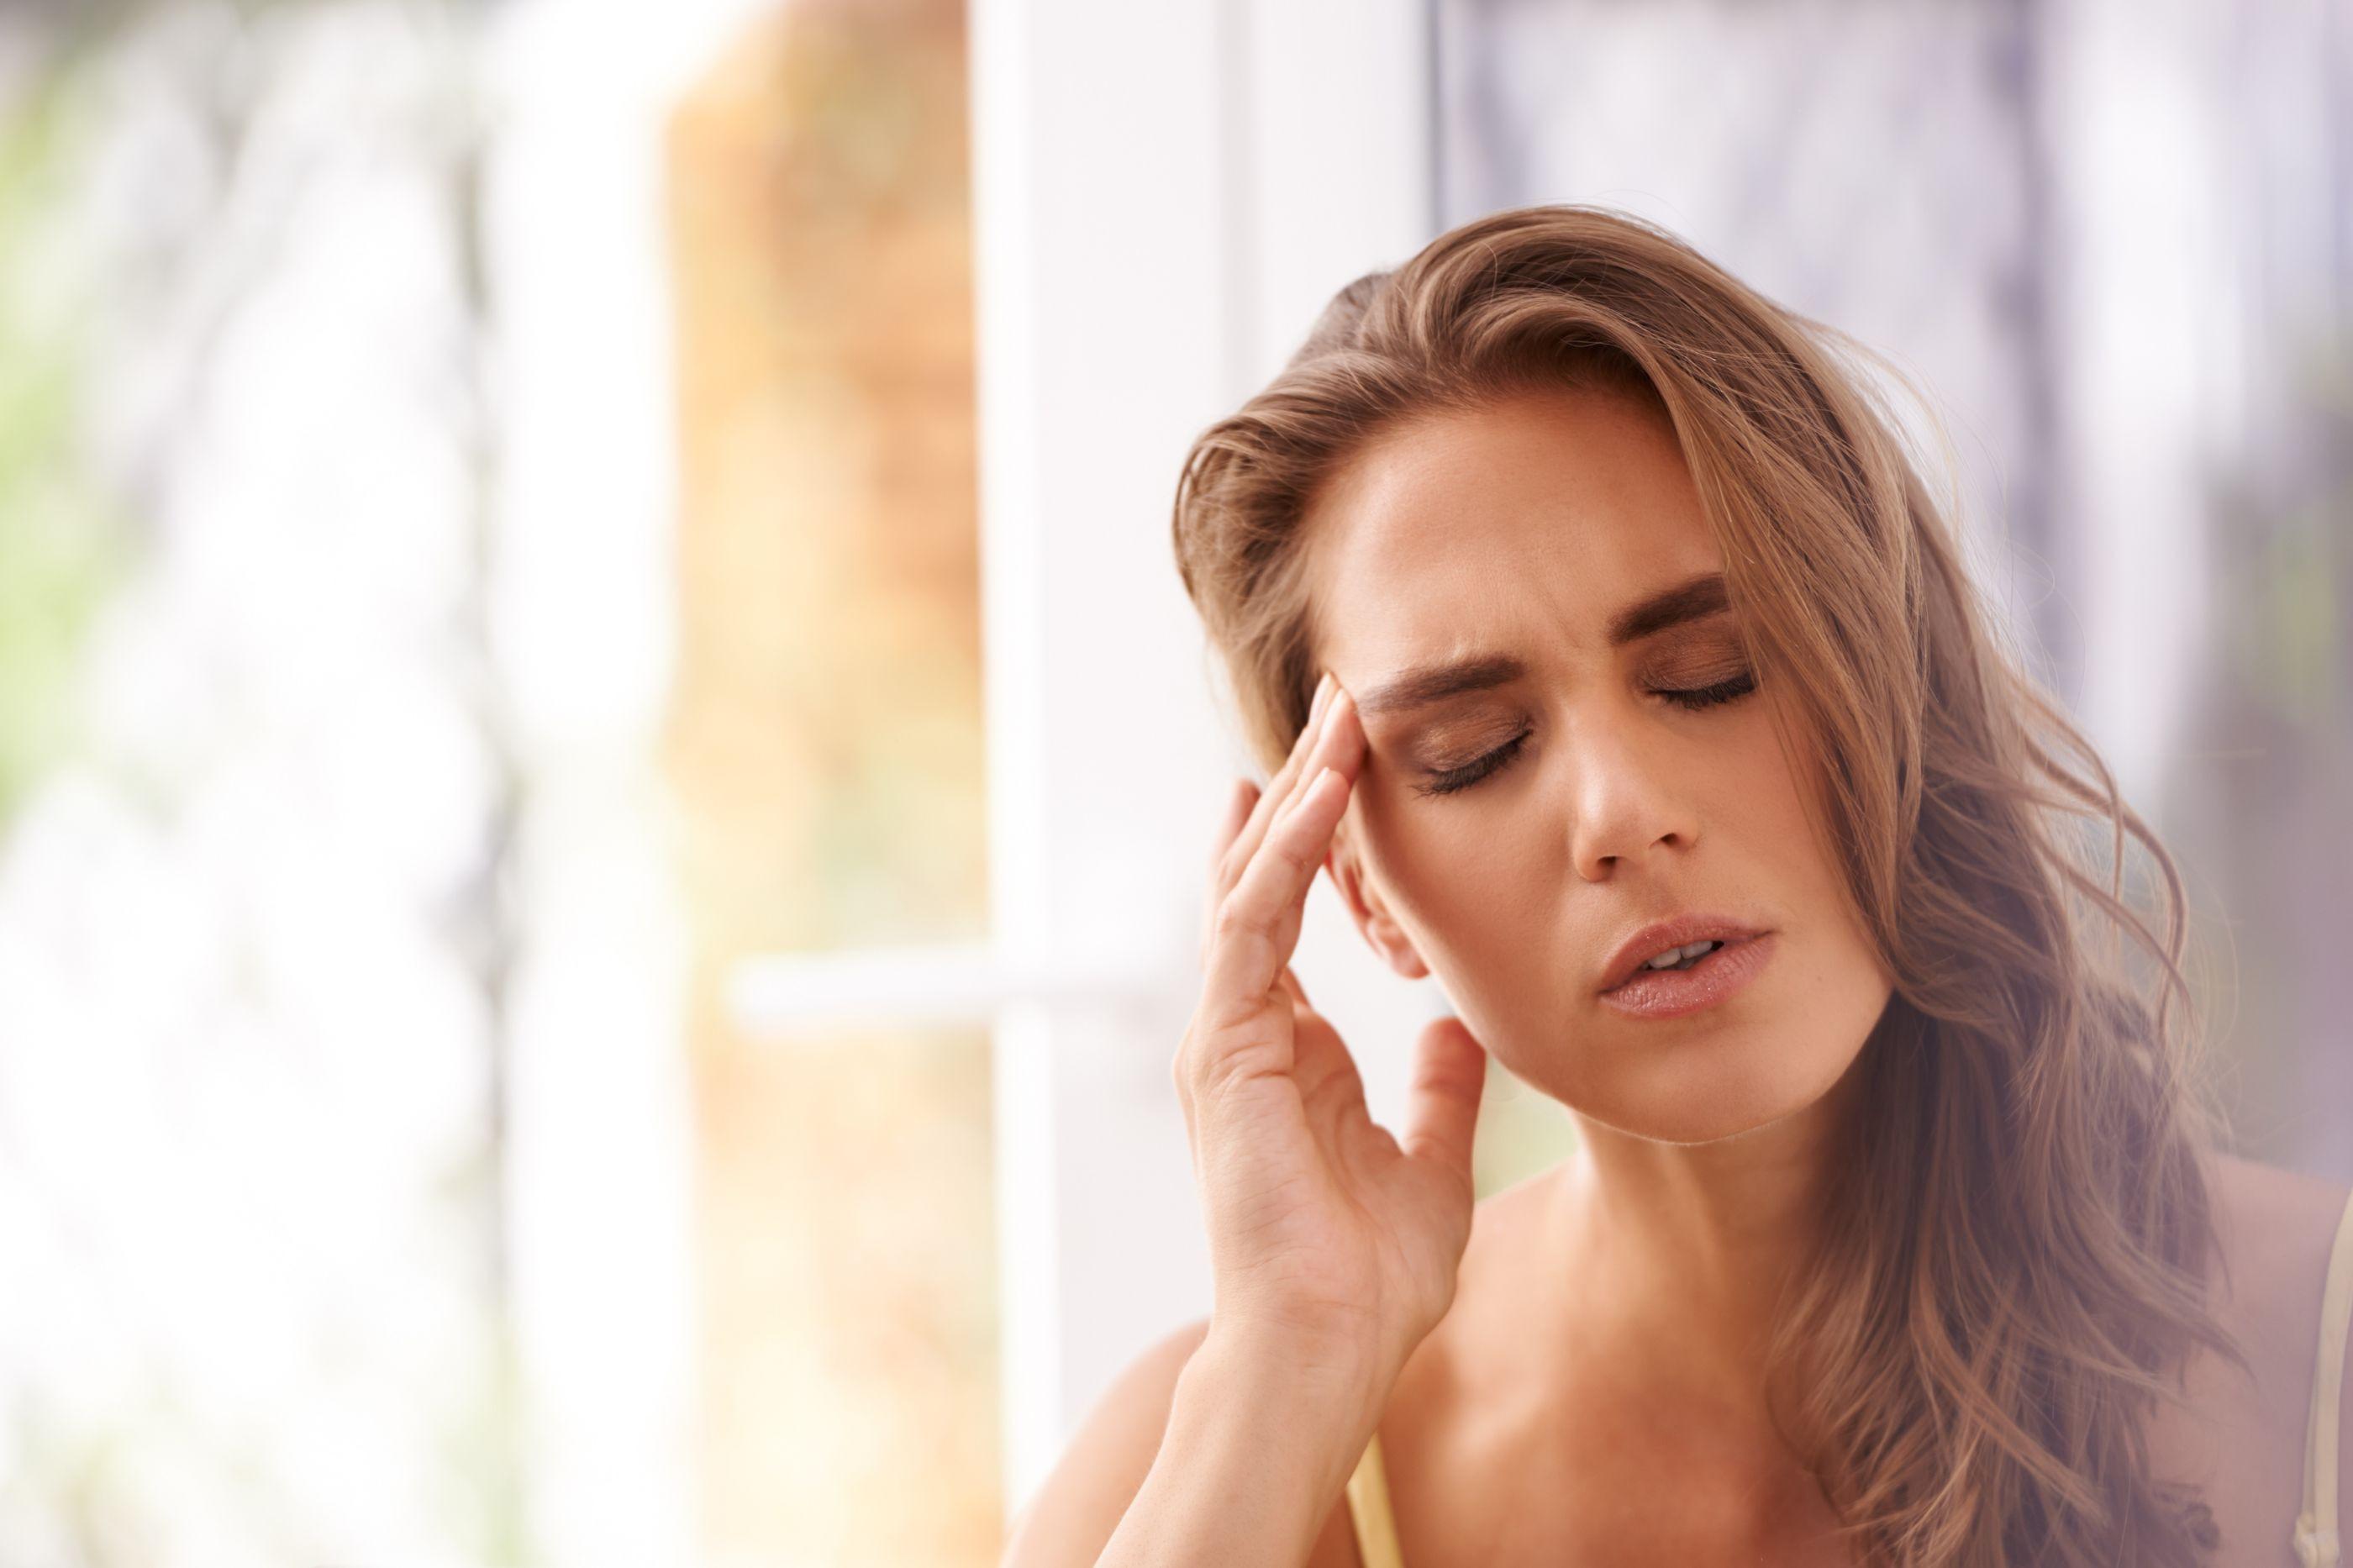 Estes seis sintomas indicam que uma enxaqueca pode estar a caminho